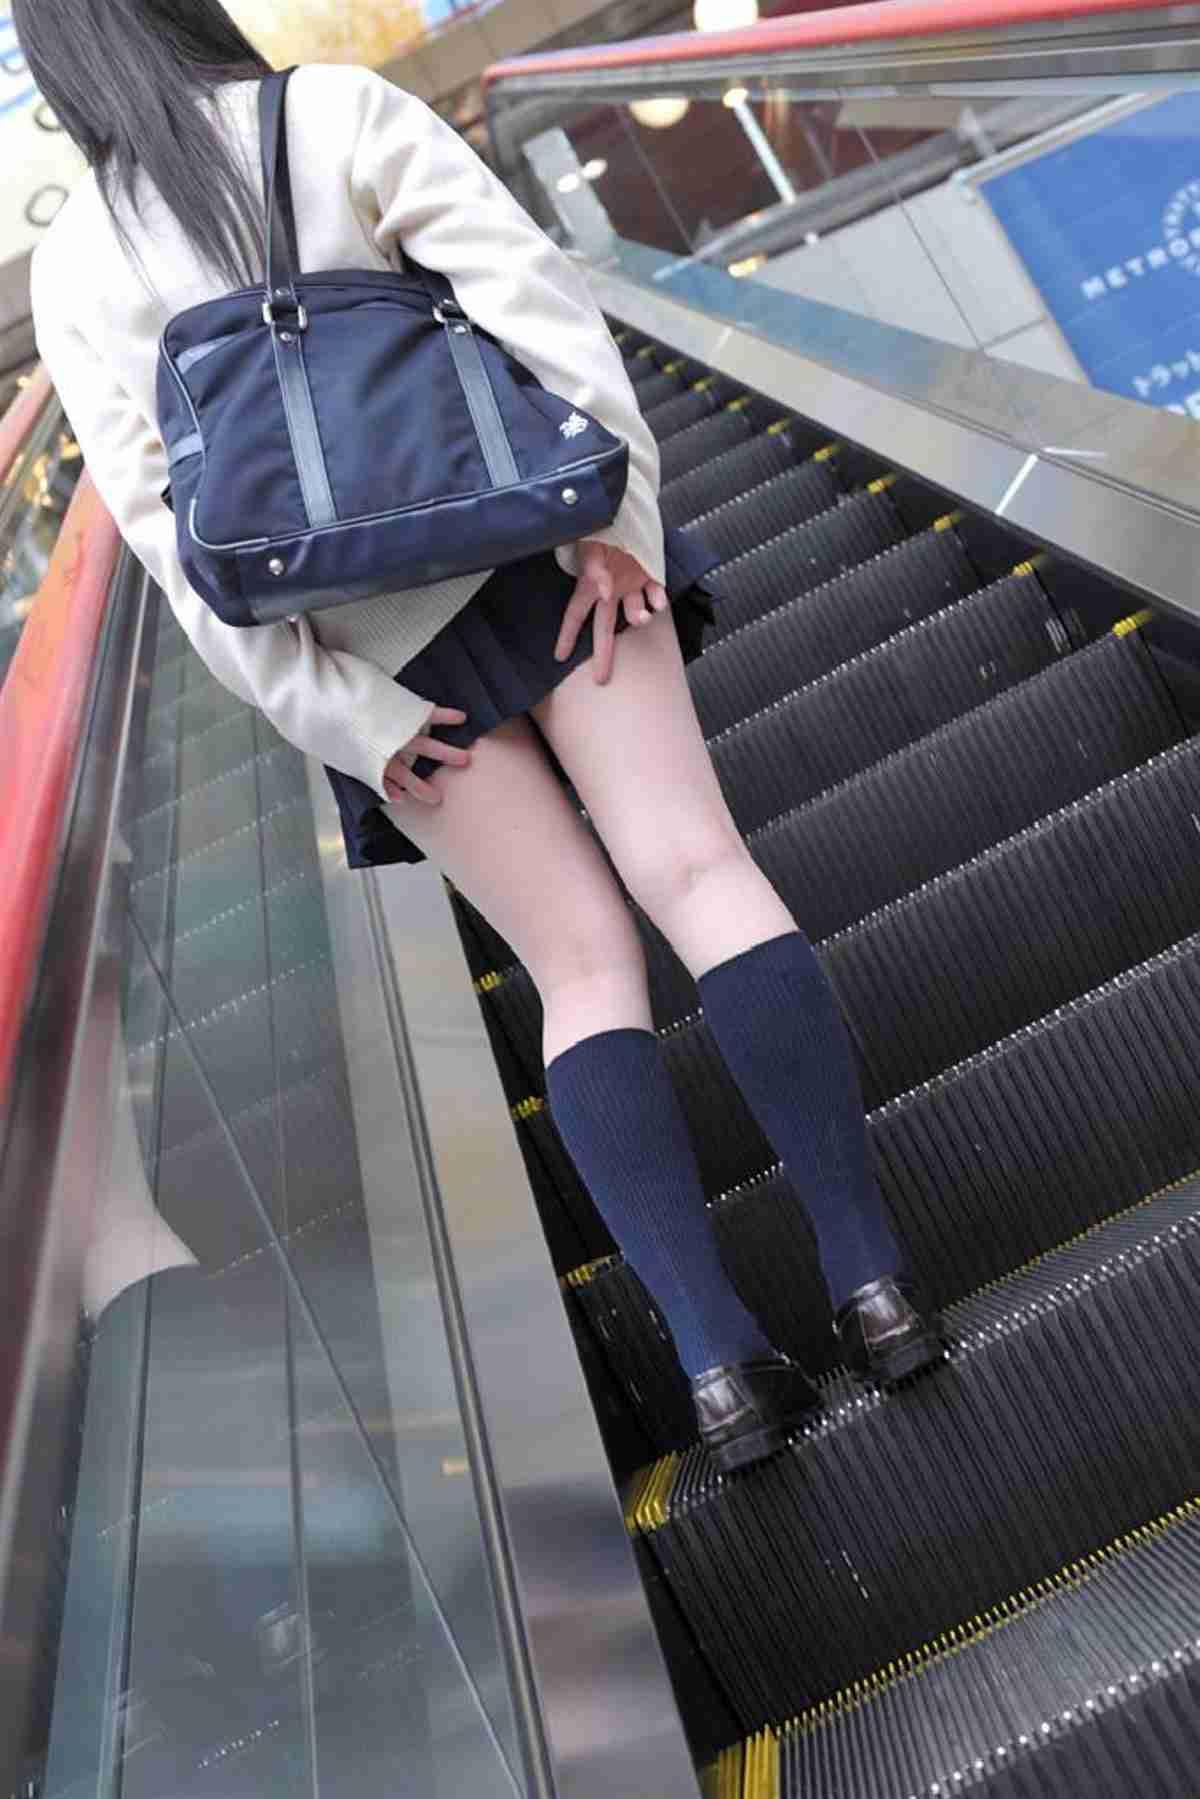 【画像あり】「男性教諭の気が散るからスカート禁止」を言い渡した高校 / 今度は「パンツがピタピタ過ぎるのもダメ!」と女子生徒を追い返す